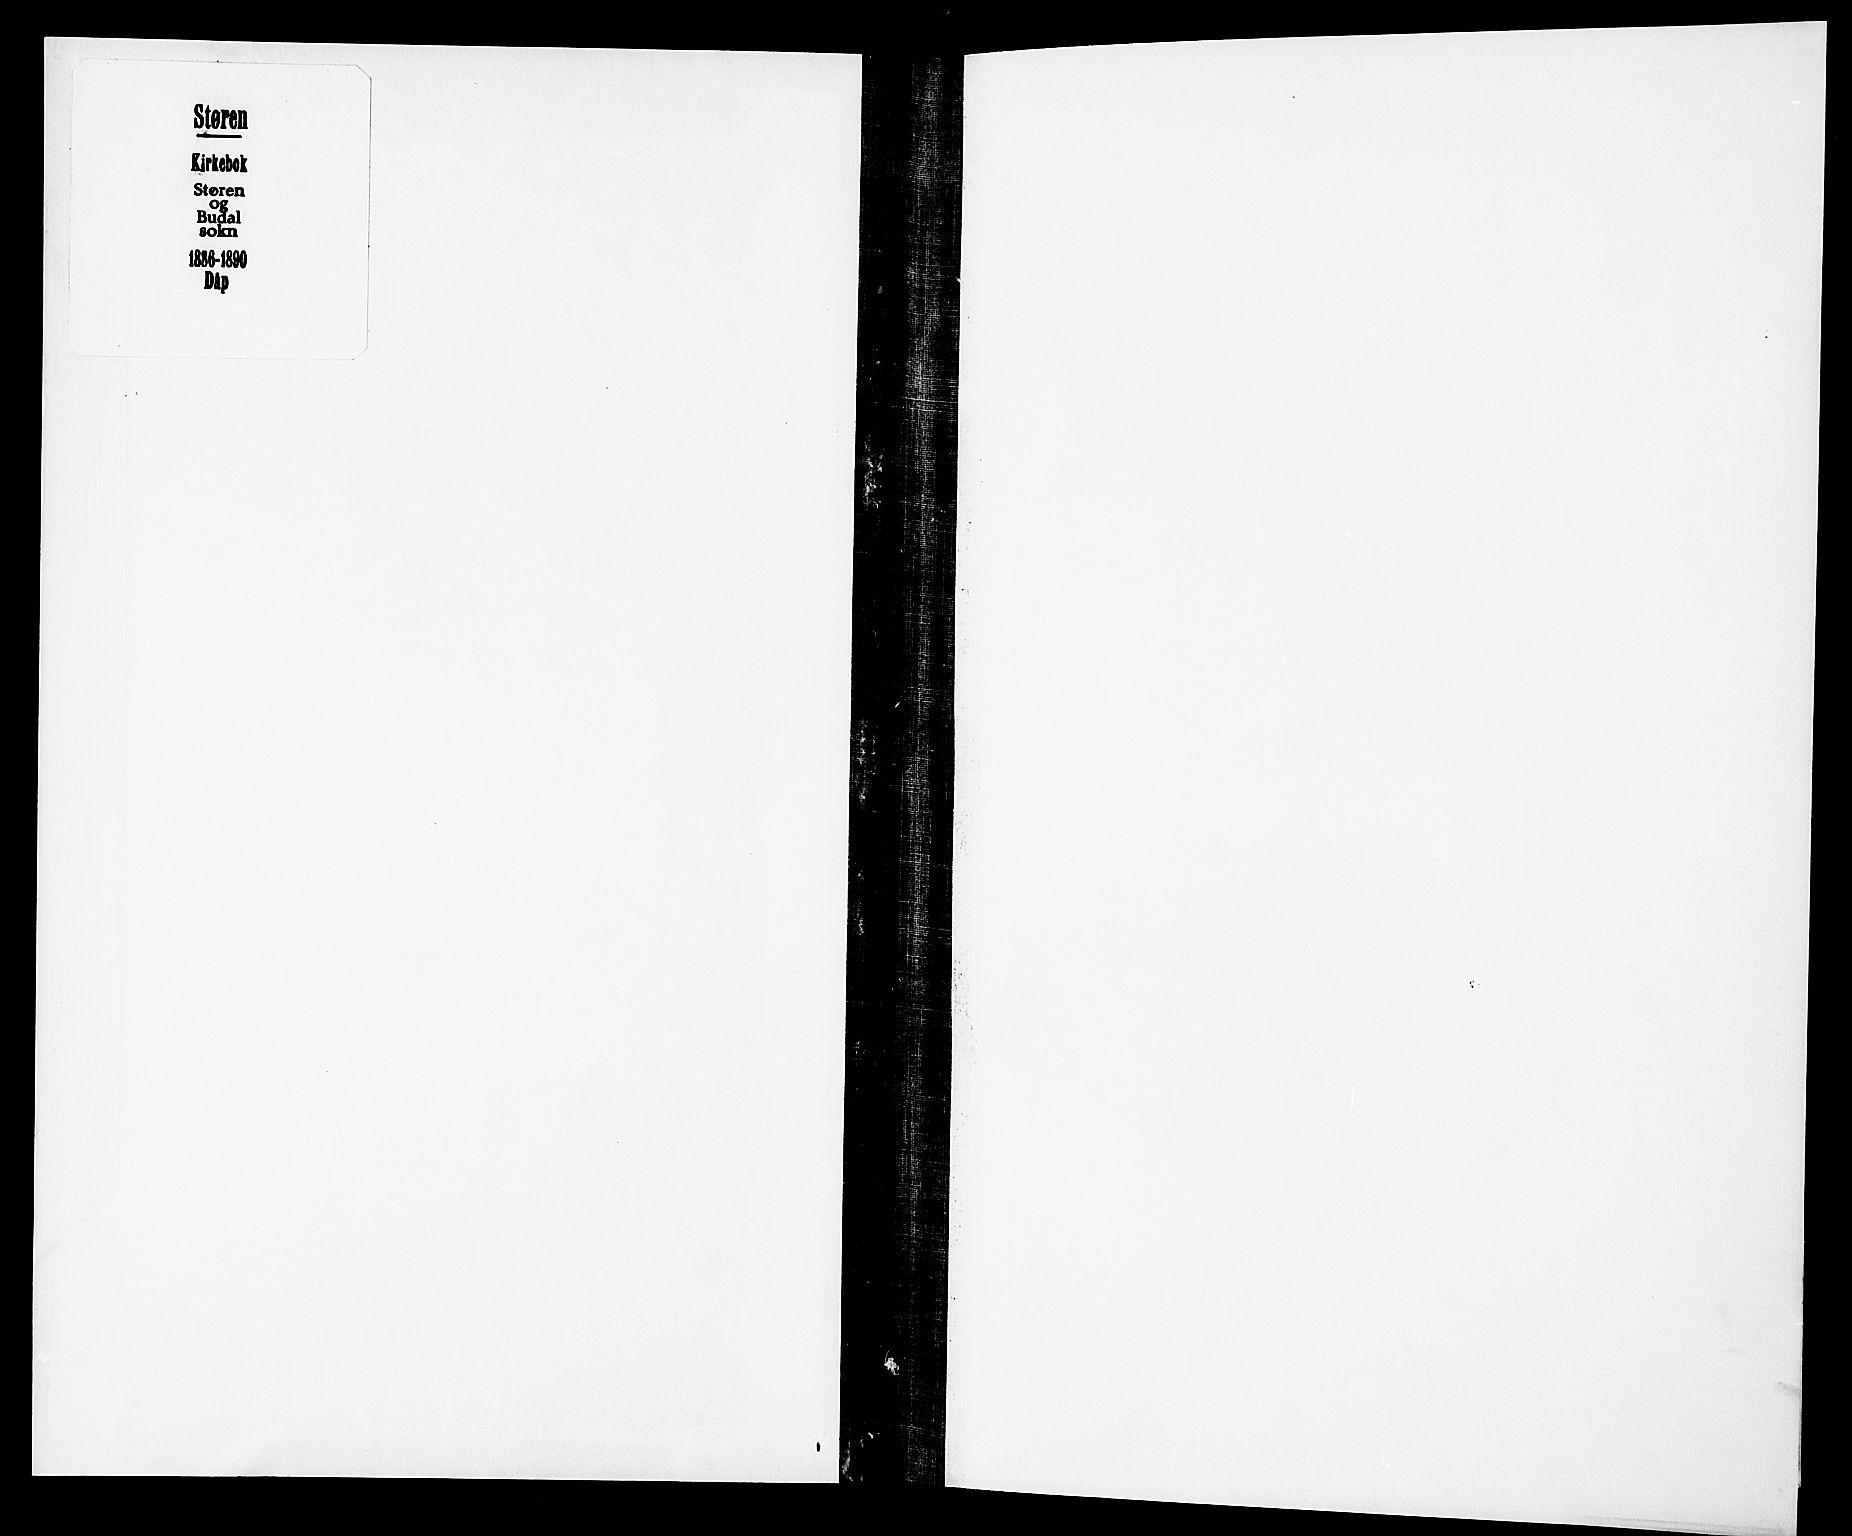 SAT, Ministerialprotokoller, klokkerbøker og fødselsregistre - Sør-Trøndelag, 687/L1003: Ministerialbok nr. 687A09, 1886-1890